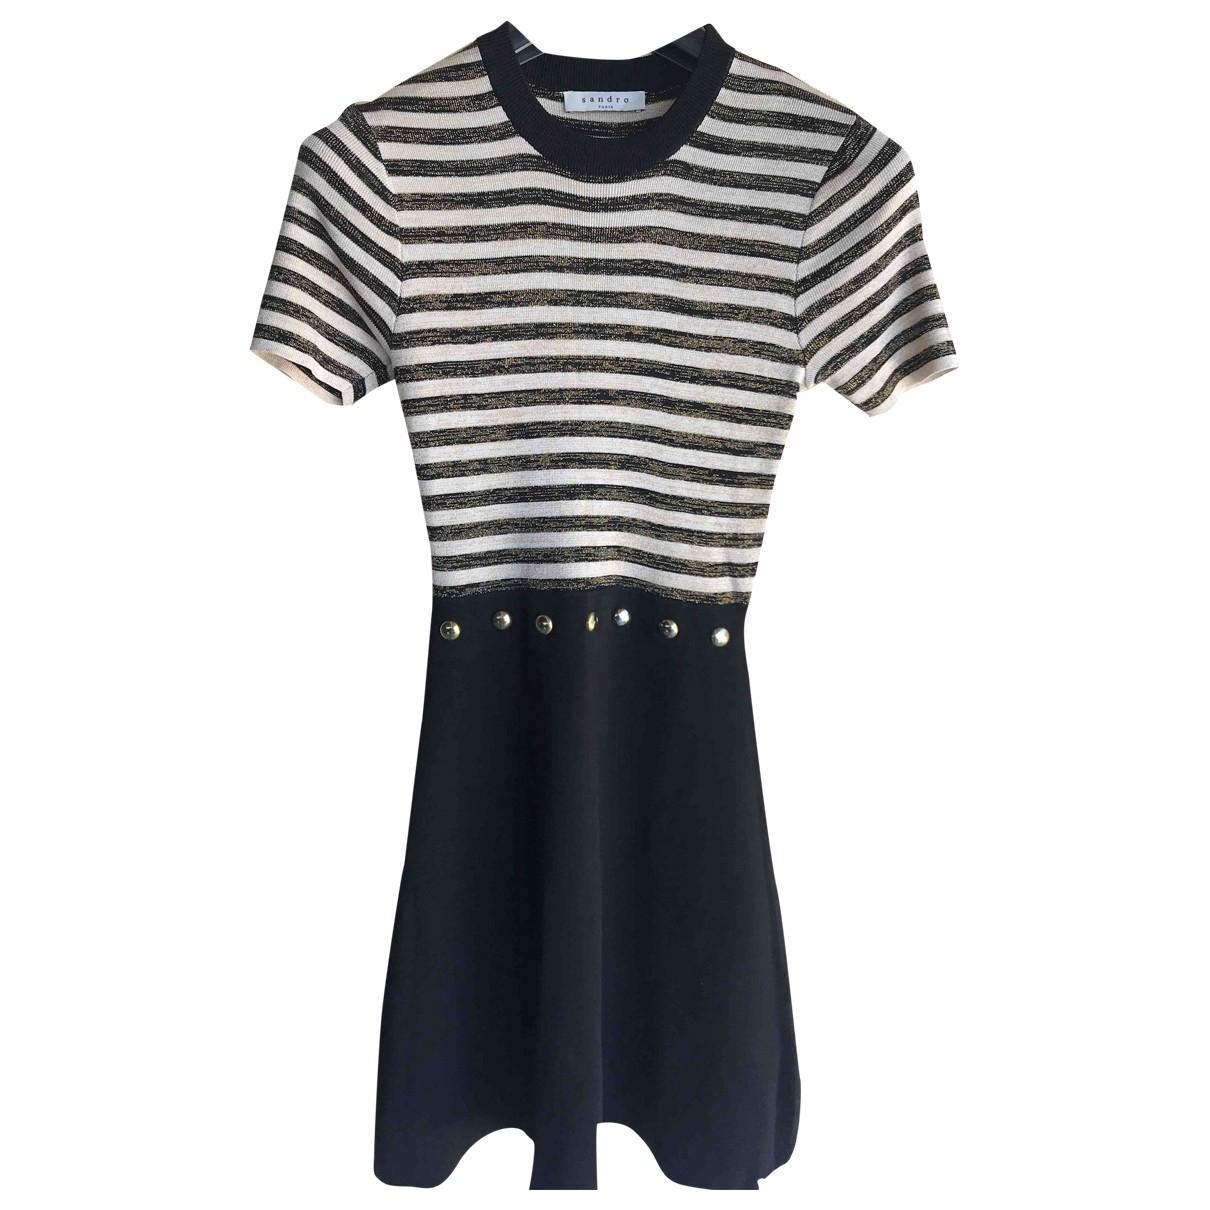 Sandro \N Black Cotton - elasthane dress for Women 1 0-5